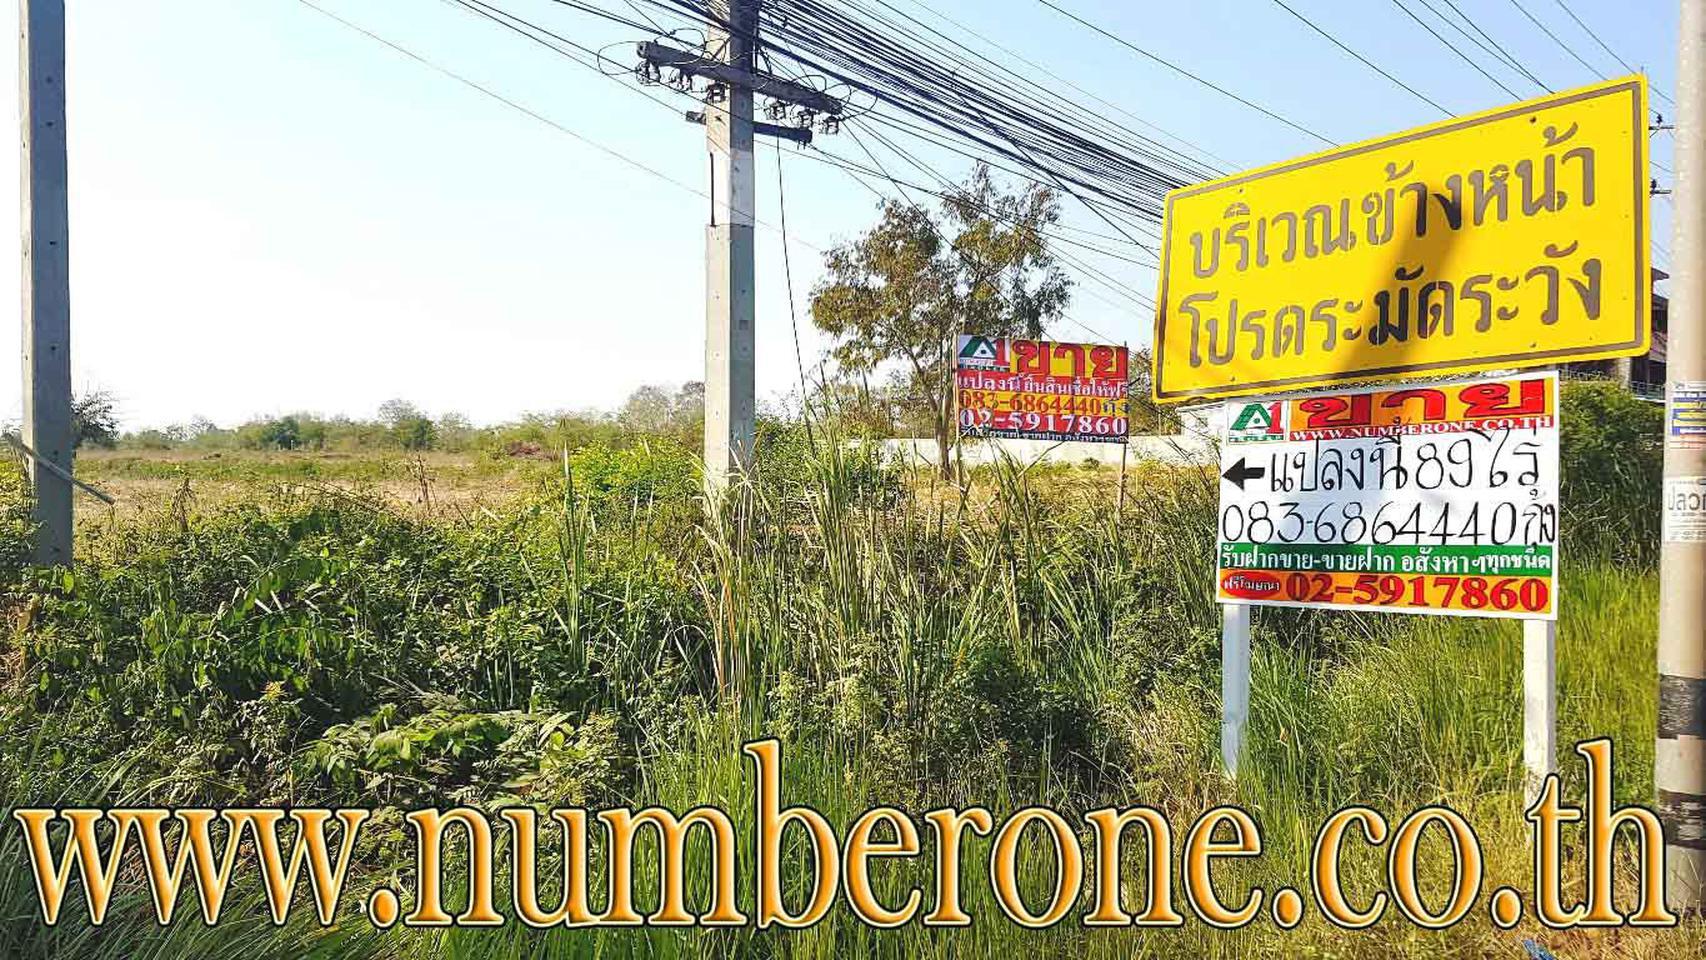 ขายที่ดินน่าลงทุน ถ.ชัยภูมิ-สีคิ้ว อ.เมืองชัยภูมิ จ.ชัยภูมิ รูปที่ 3